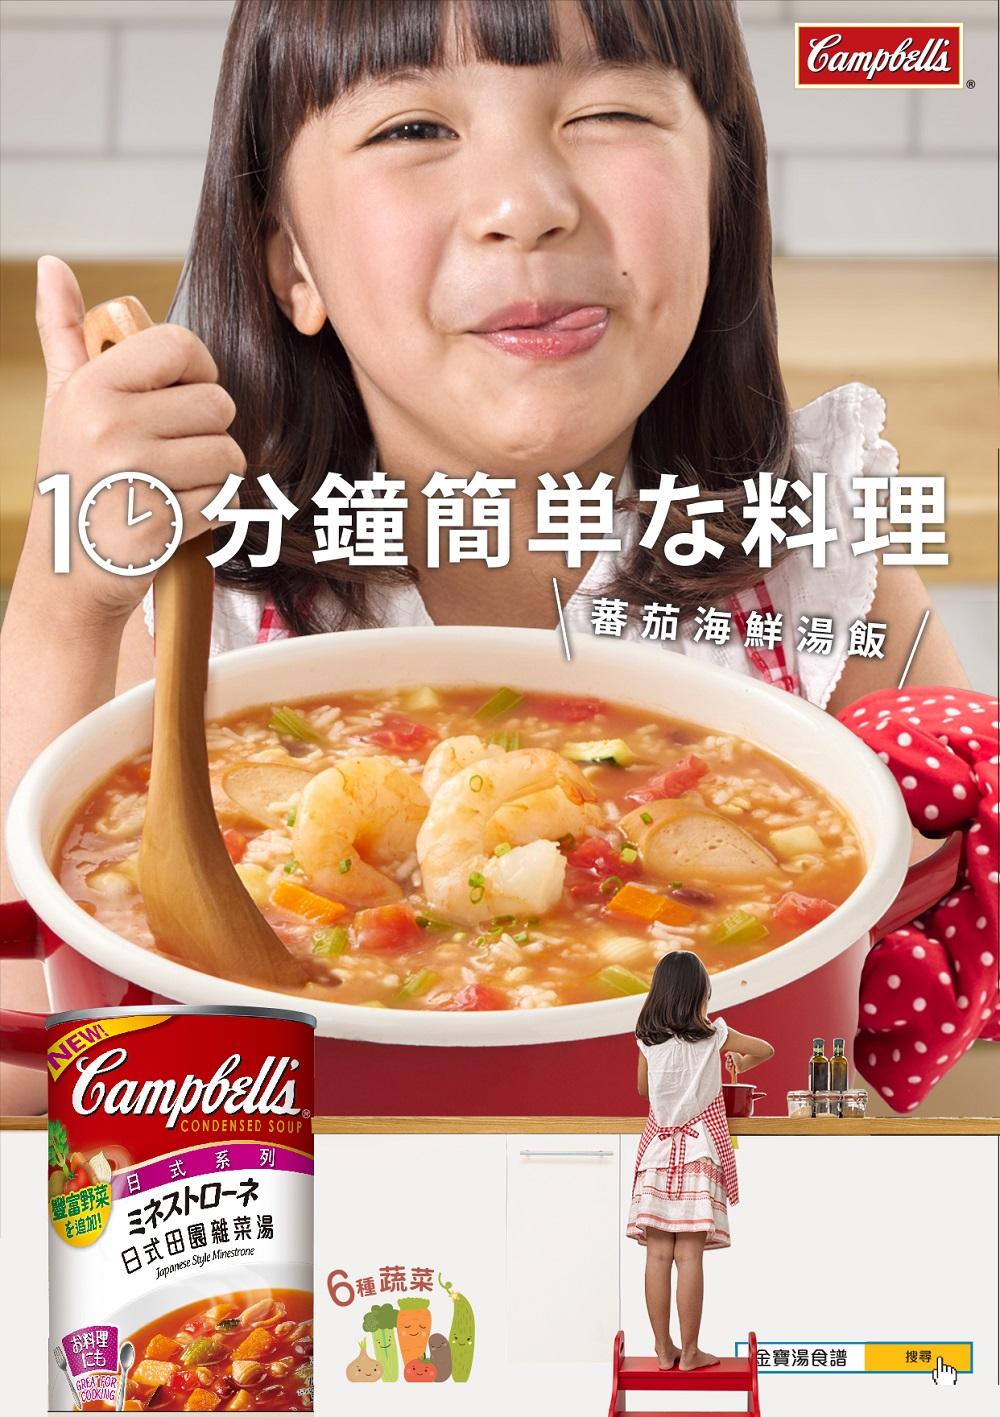 金寳湯推日式新日味 宵夜露營最適合